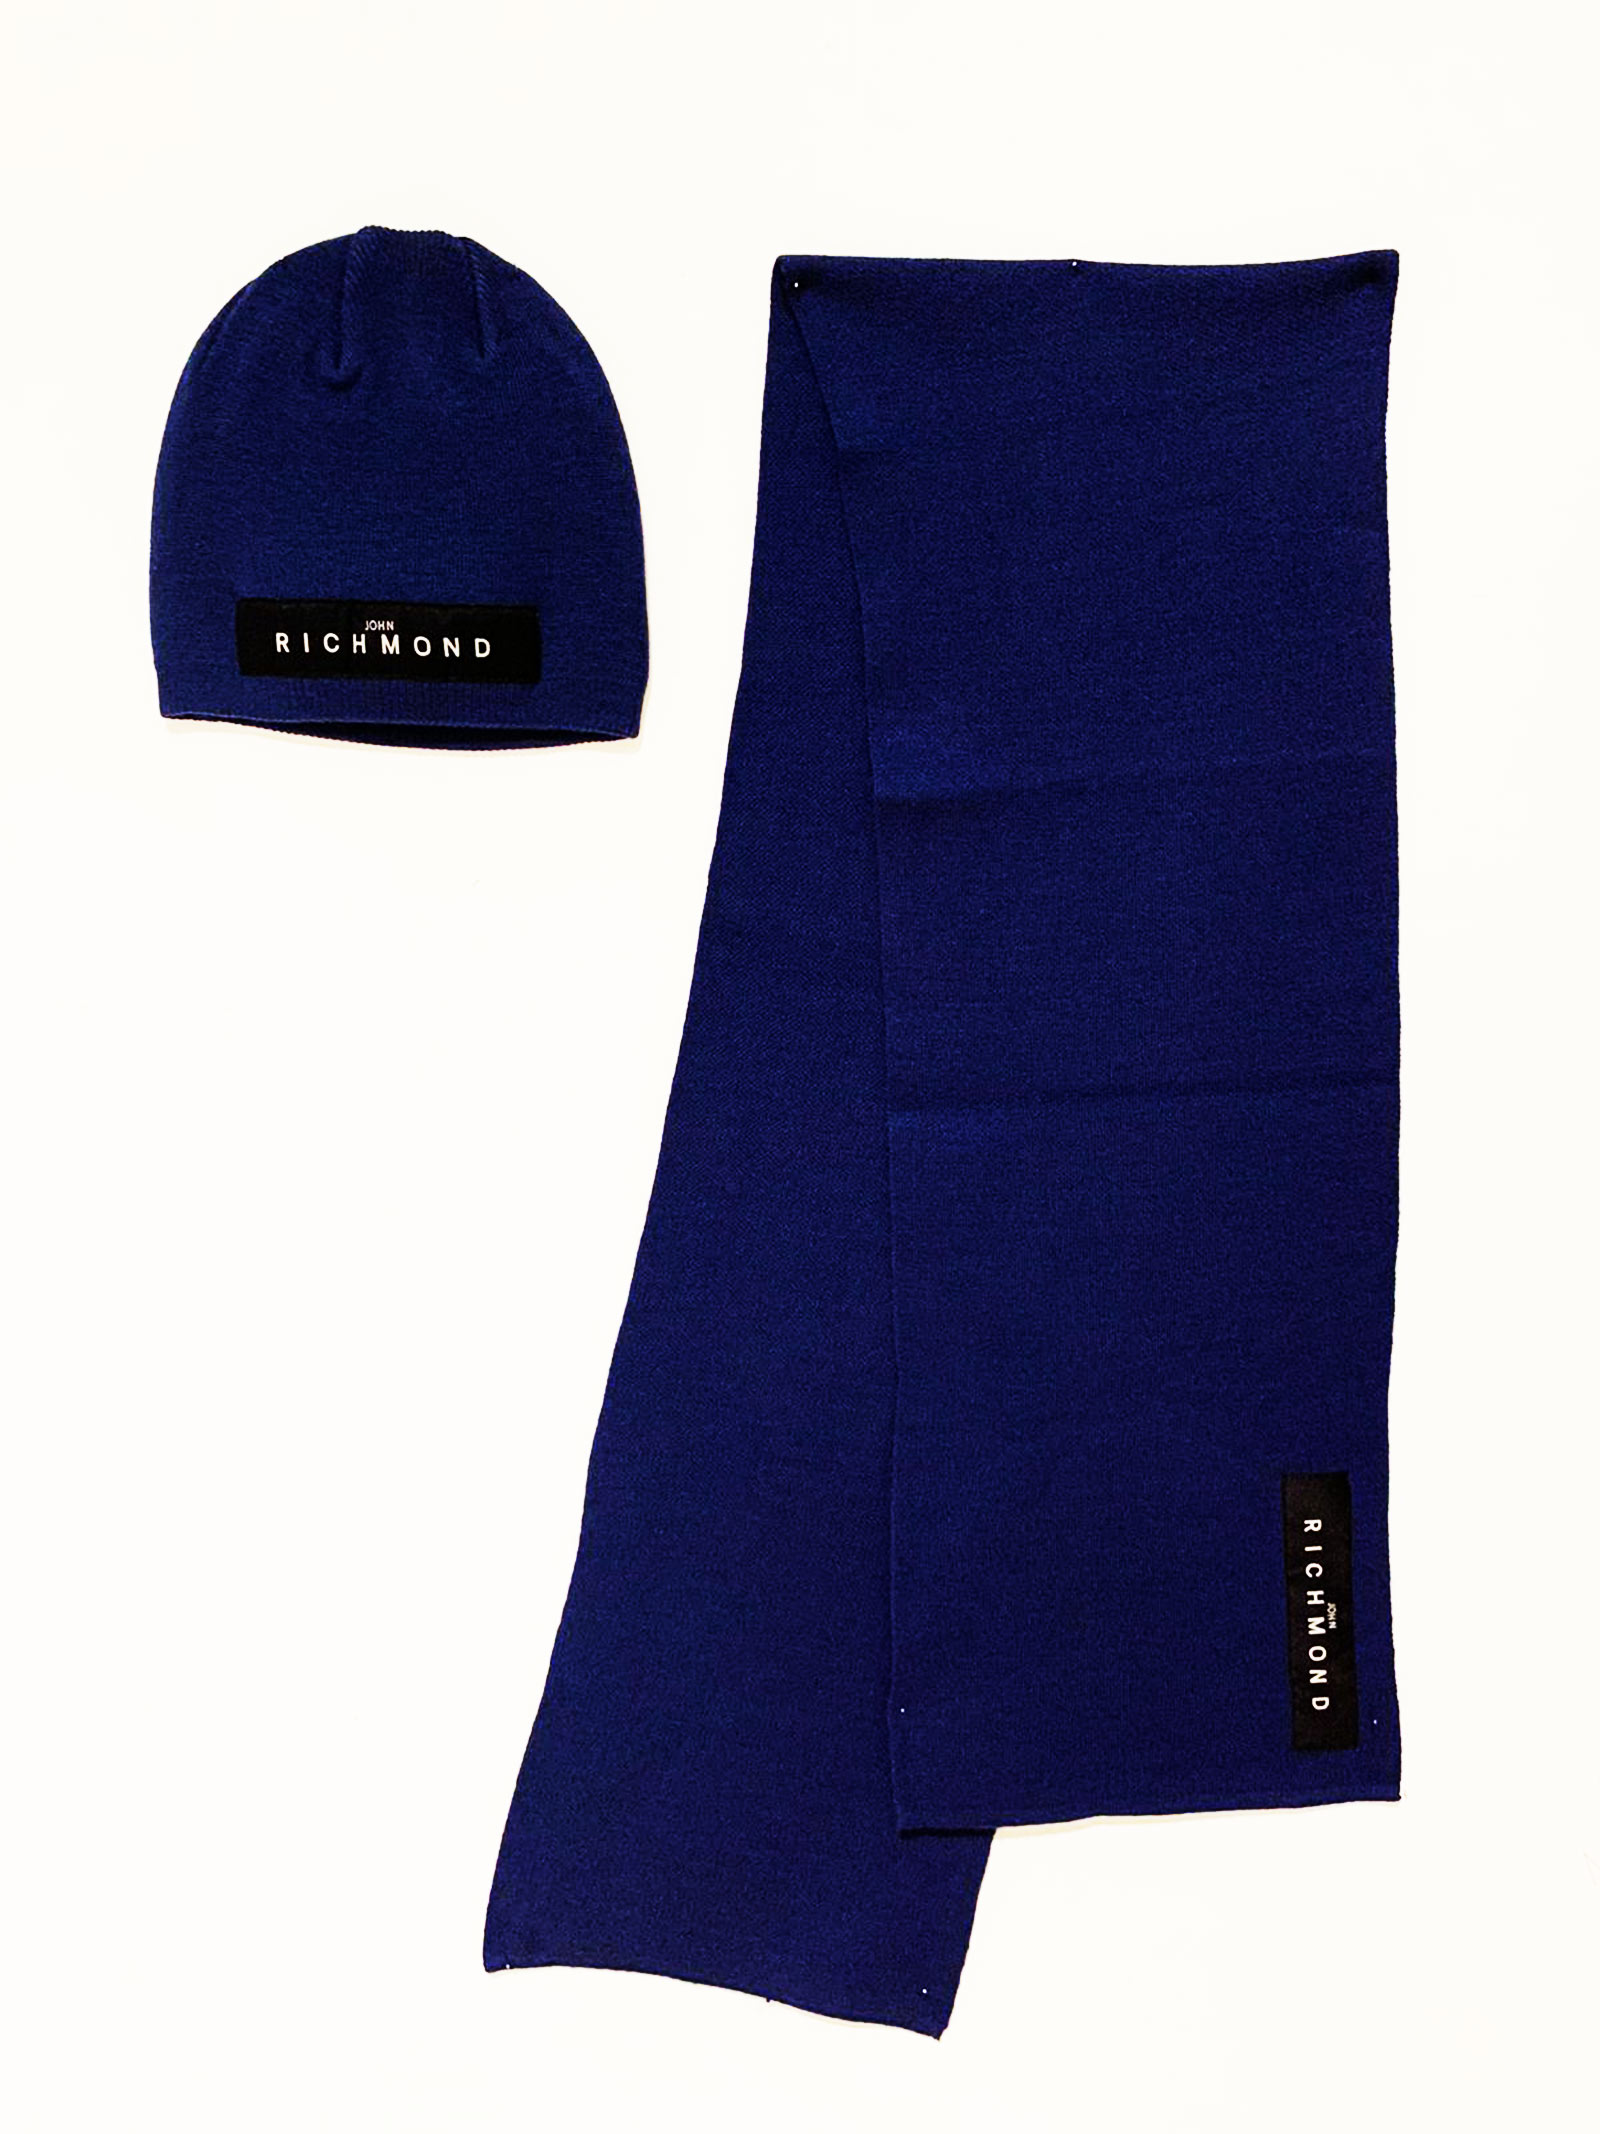 set sciarpa+cappello richmond John richmond | Sciarpa + cappello | HMA20136HSW7141